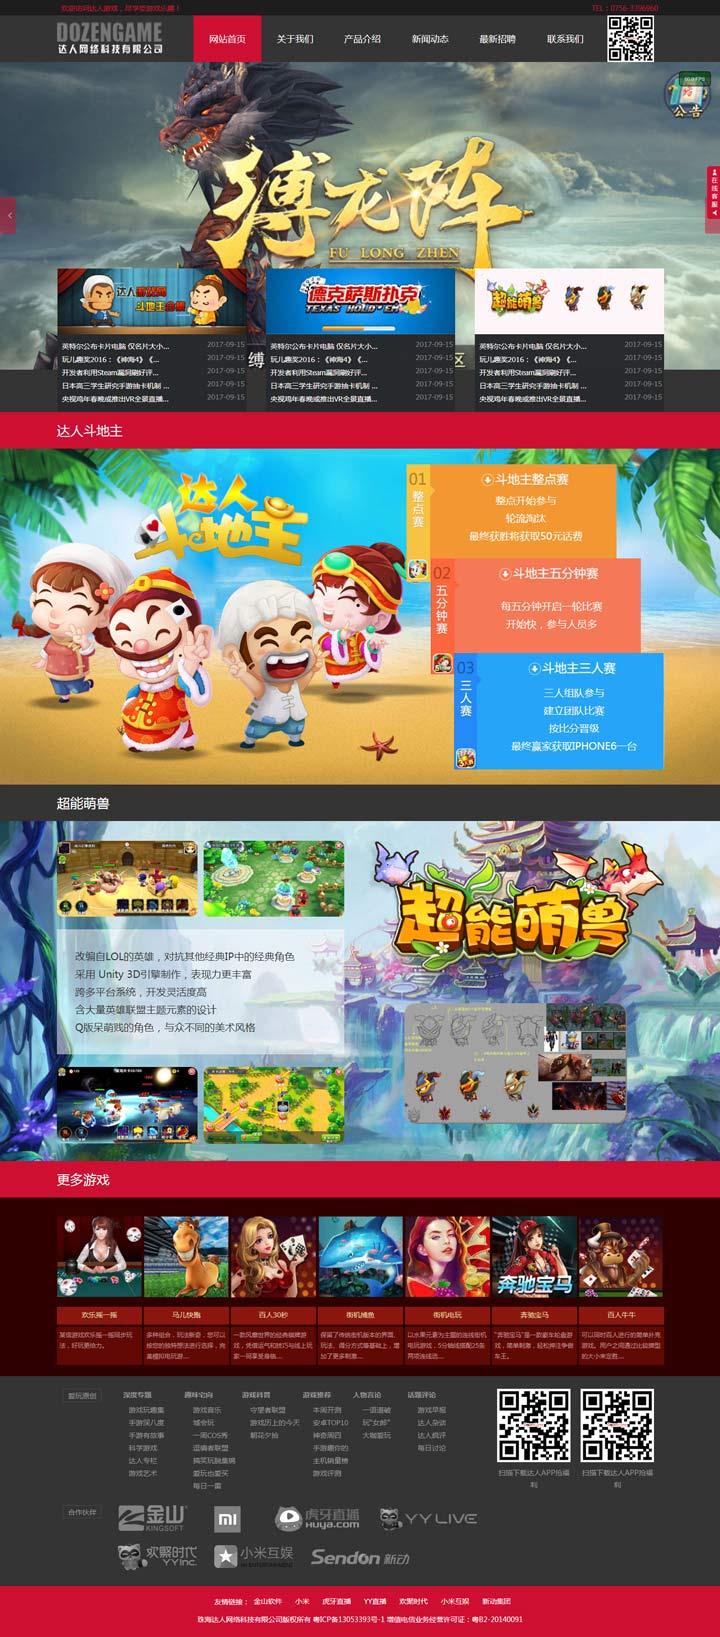 网络科技游戏网站模板